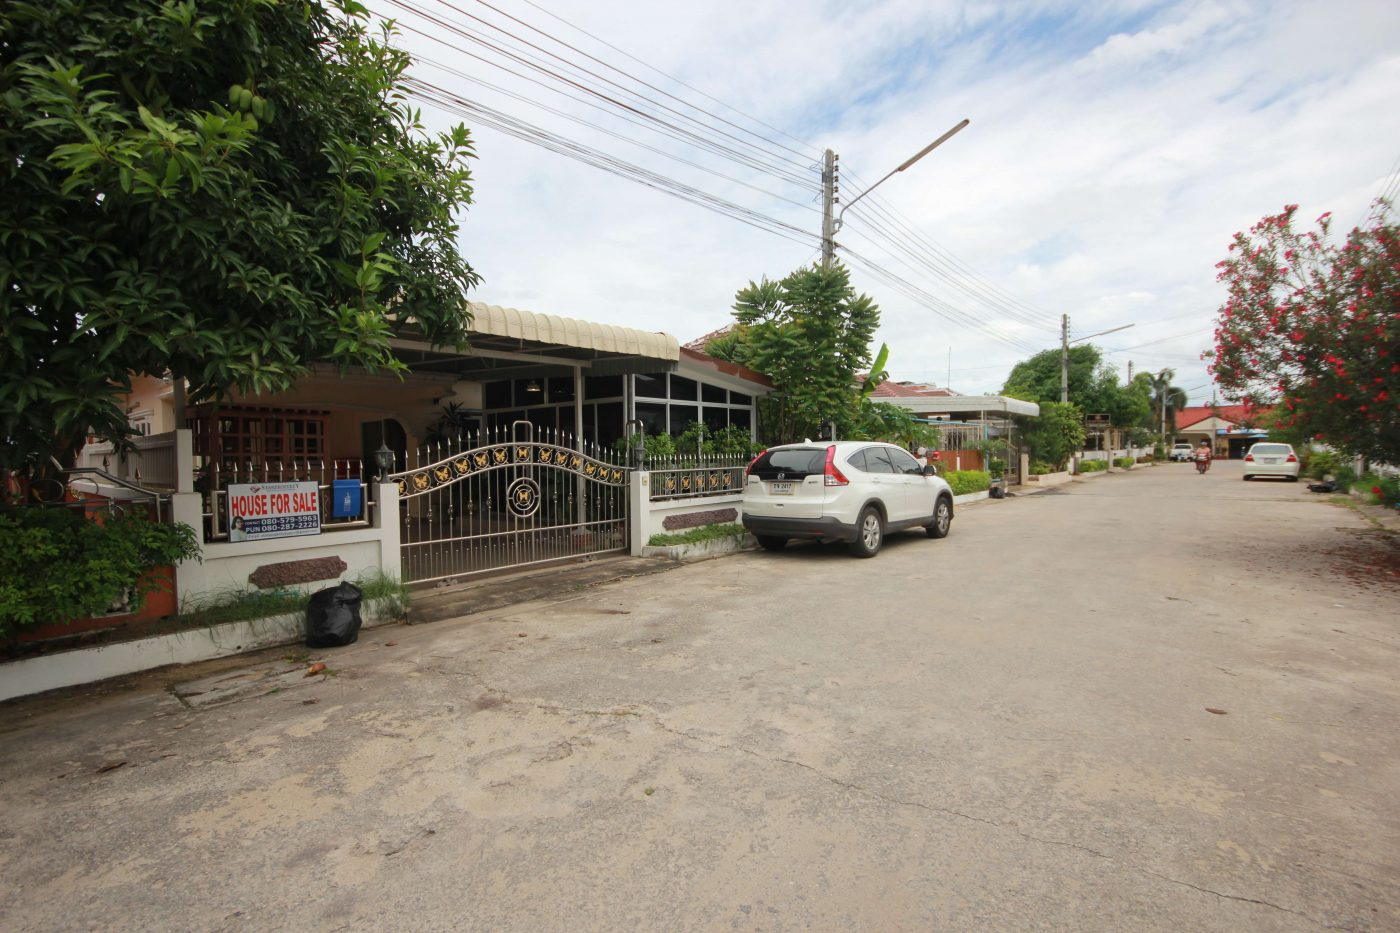 House at Bofai Soi 6 for sale at Hua Hin District, Prachuap Khiri Khan, Thailand